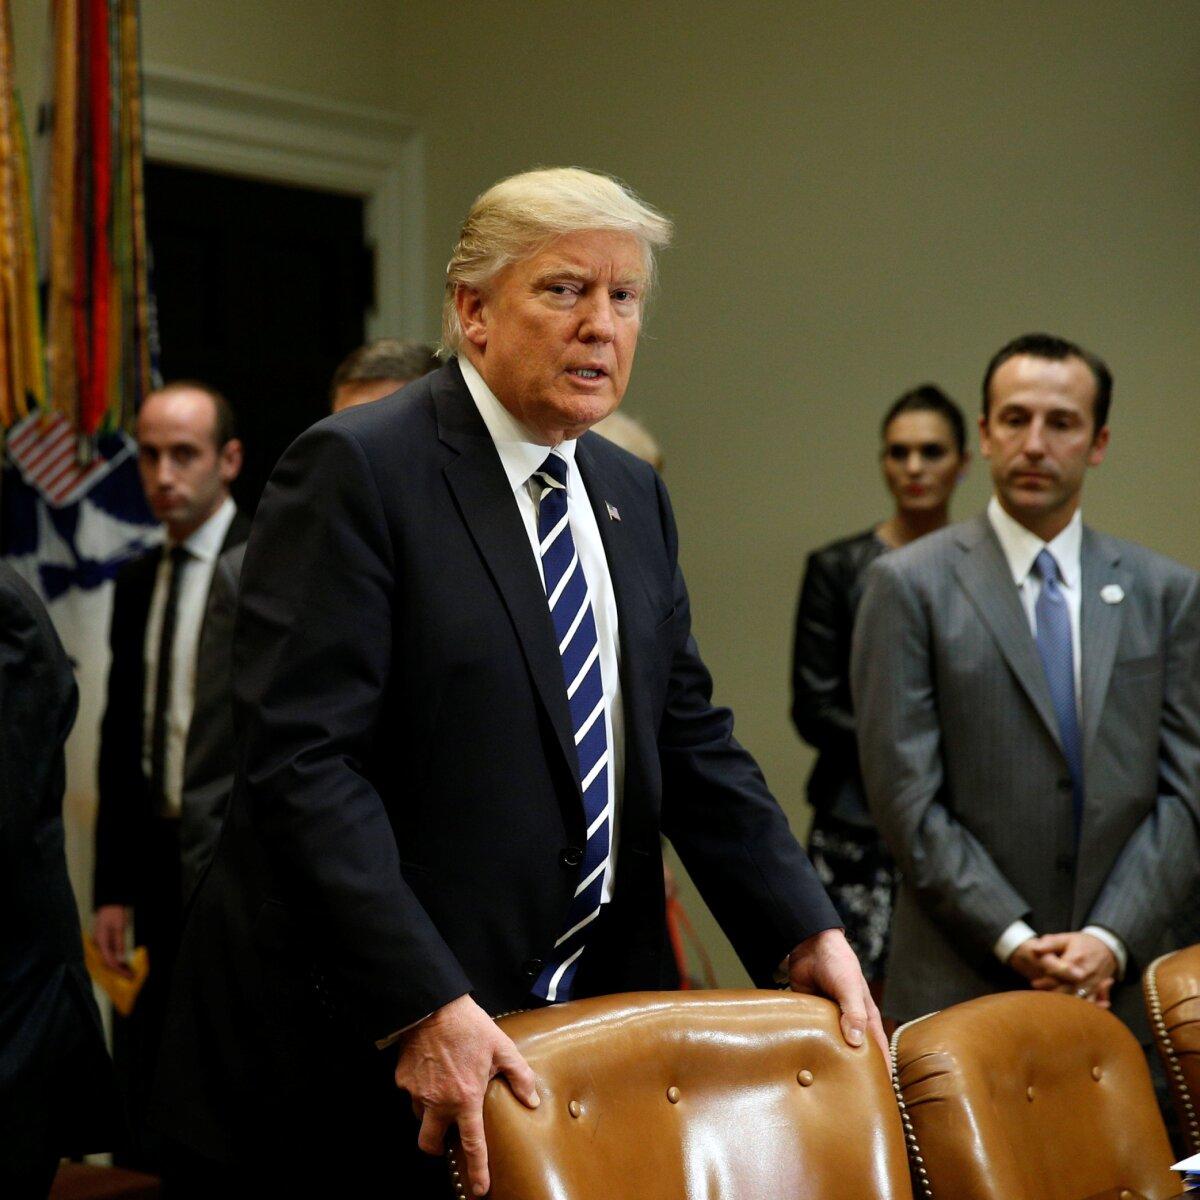 Trump Cancela Visita A Harley-Davidson Por Protestas